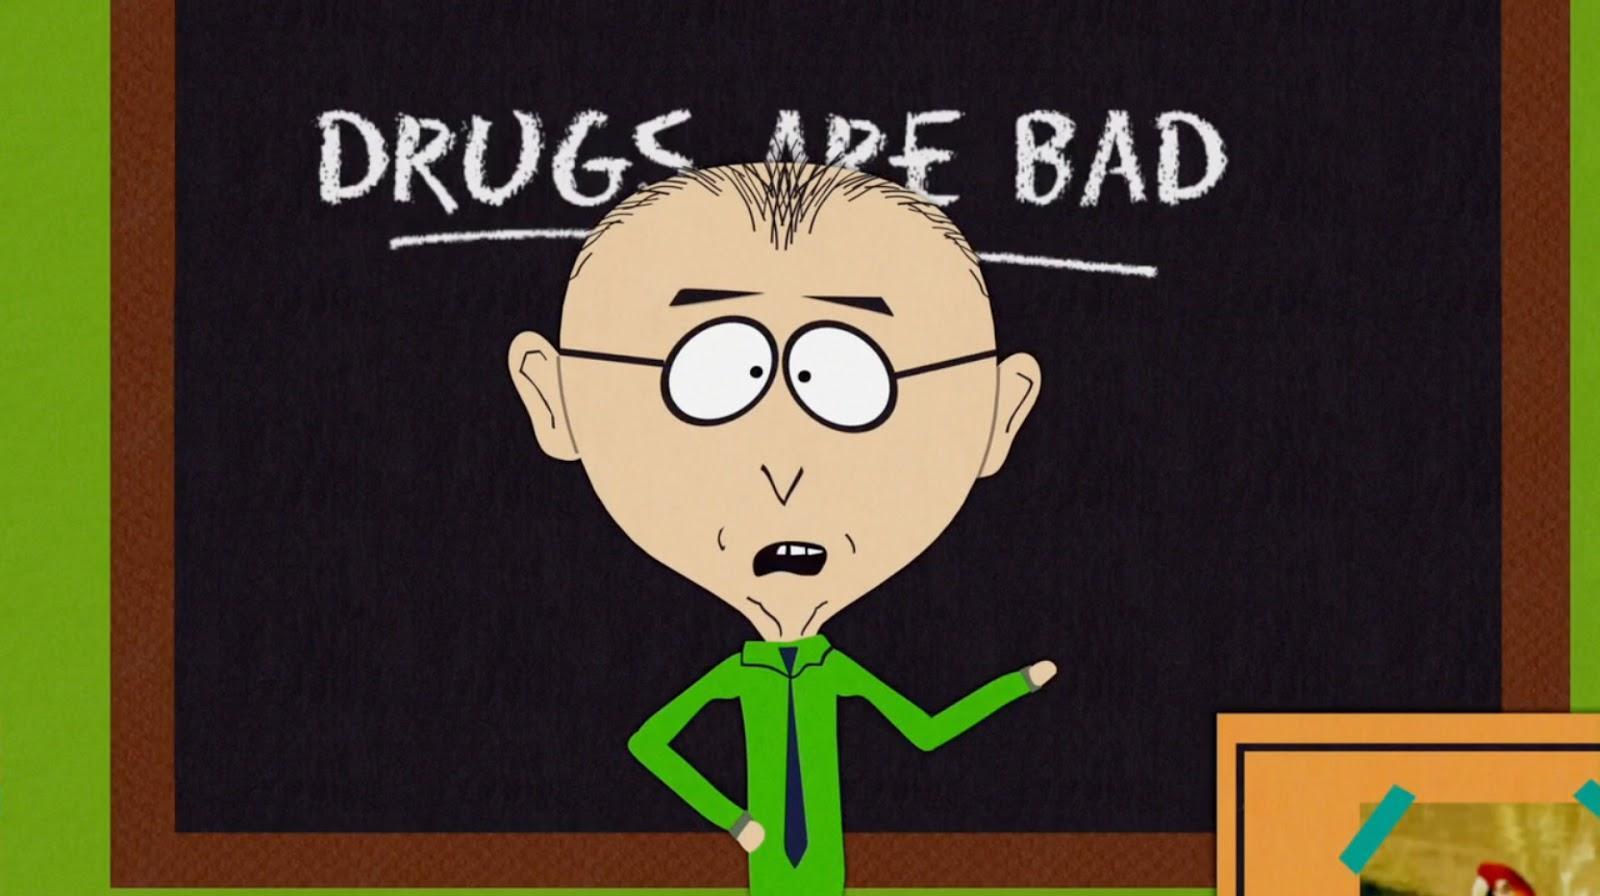 Легализация марихуаны снизила ее популярность среди подростков